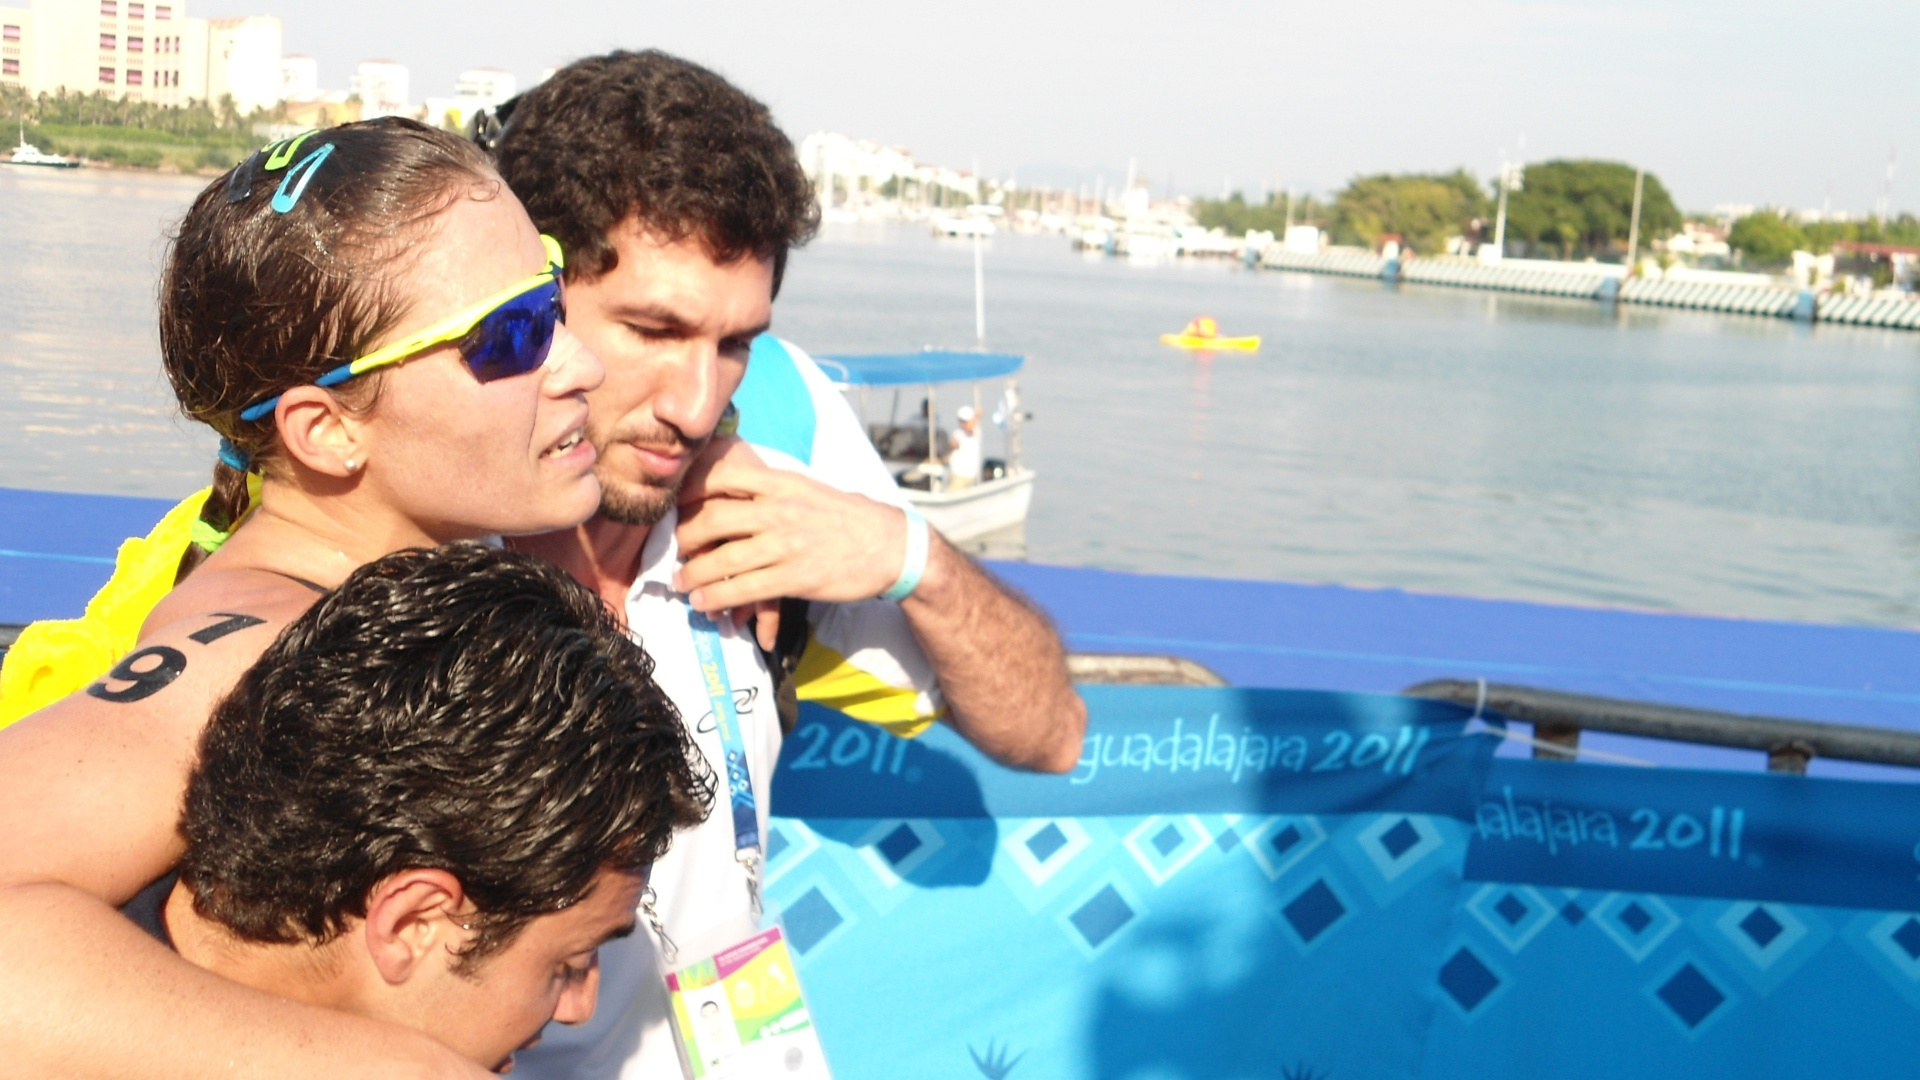 Pâmella Oliveira é carregada depois de chegar em terceiro e conquistar o bronze (23/10/2011)